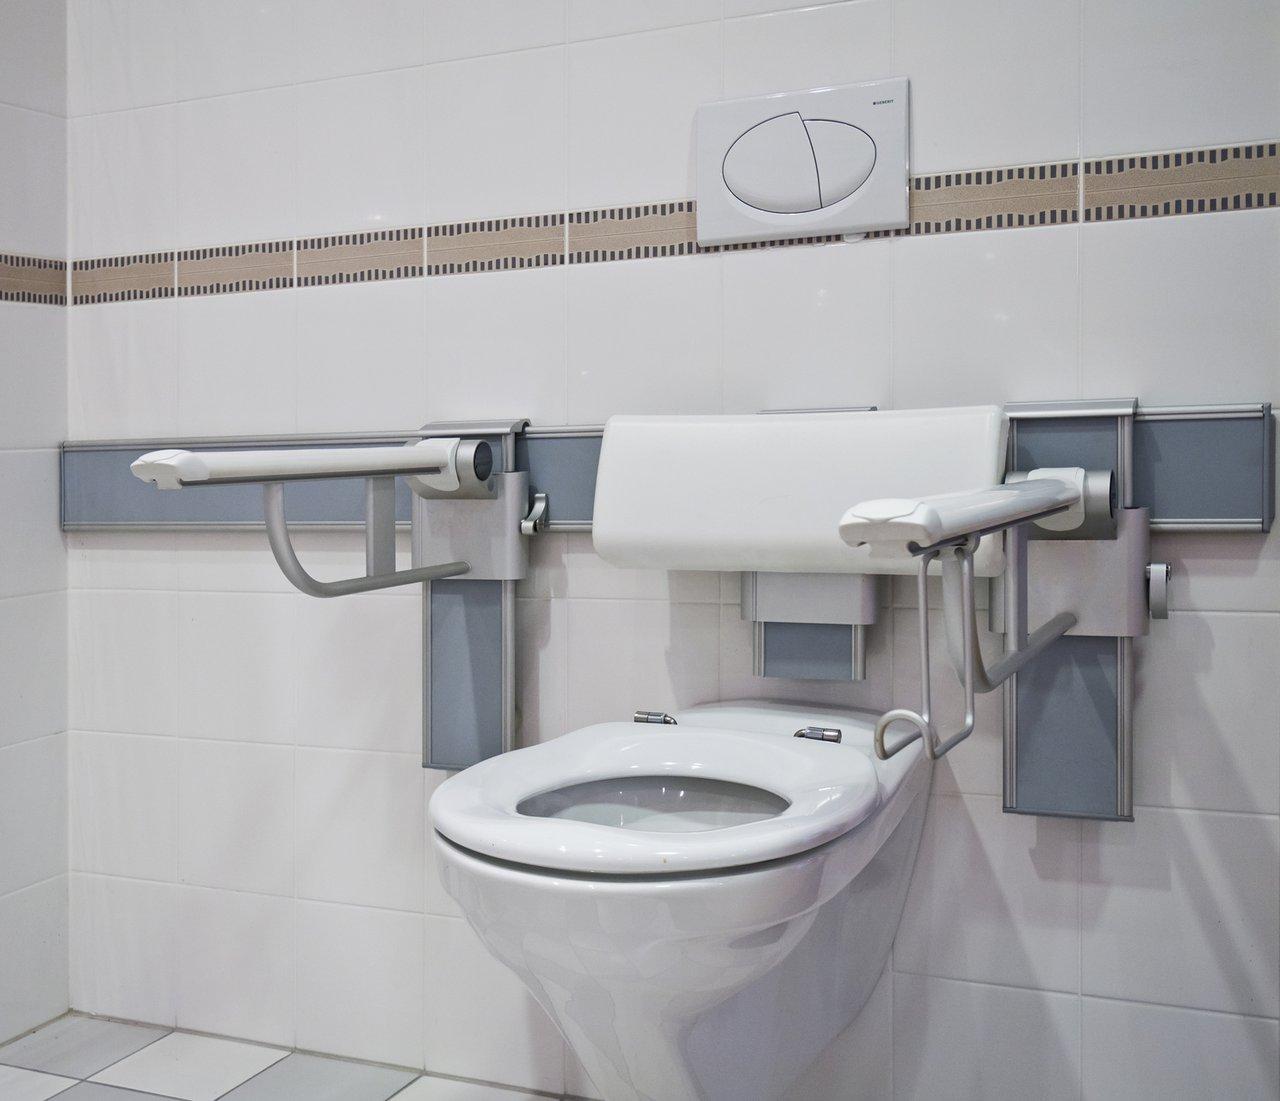 Das barrierefreie Bad - Komfort für alle Benutzer - Sonnenberg ...